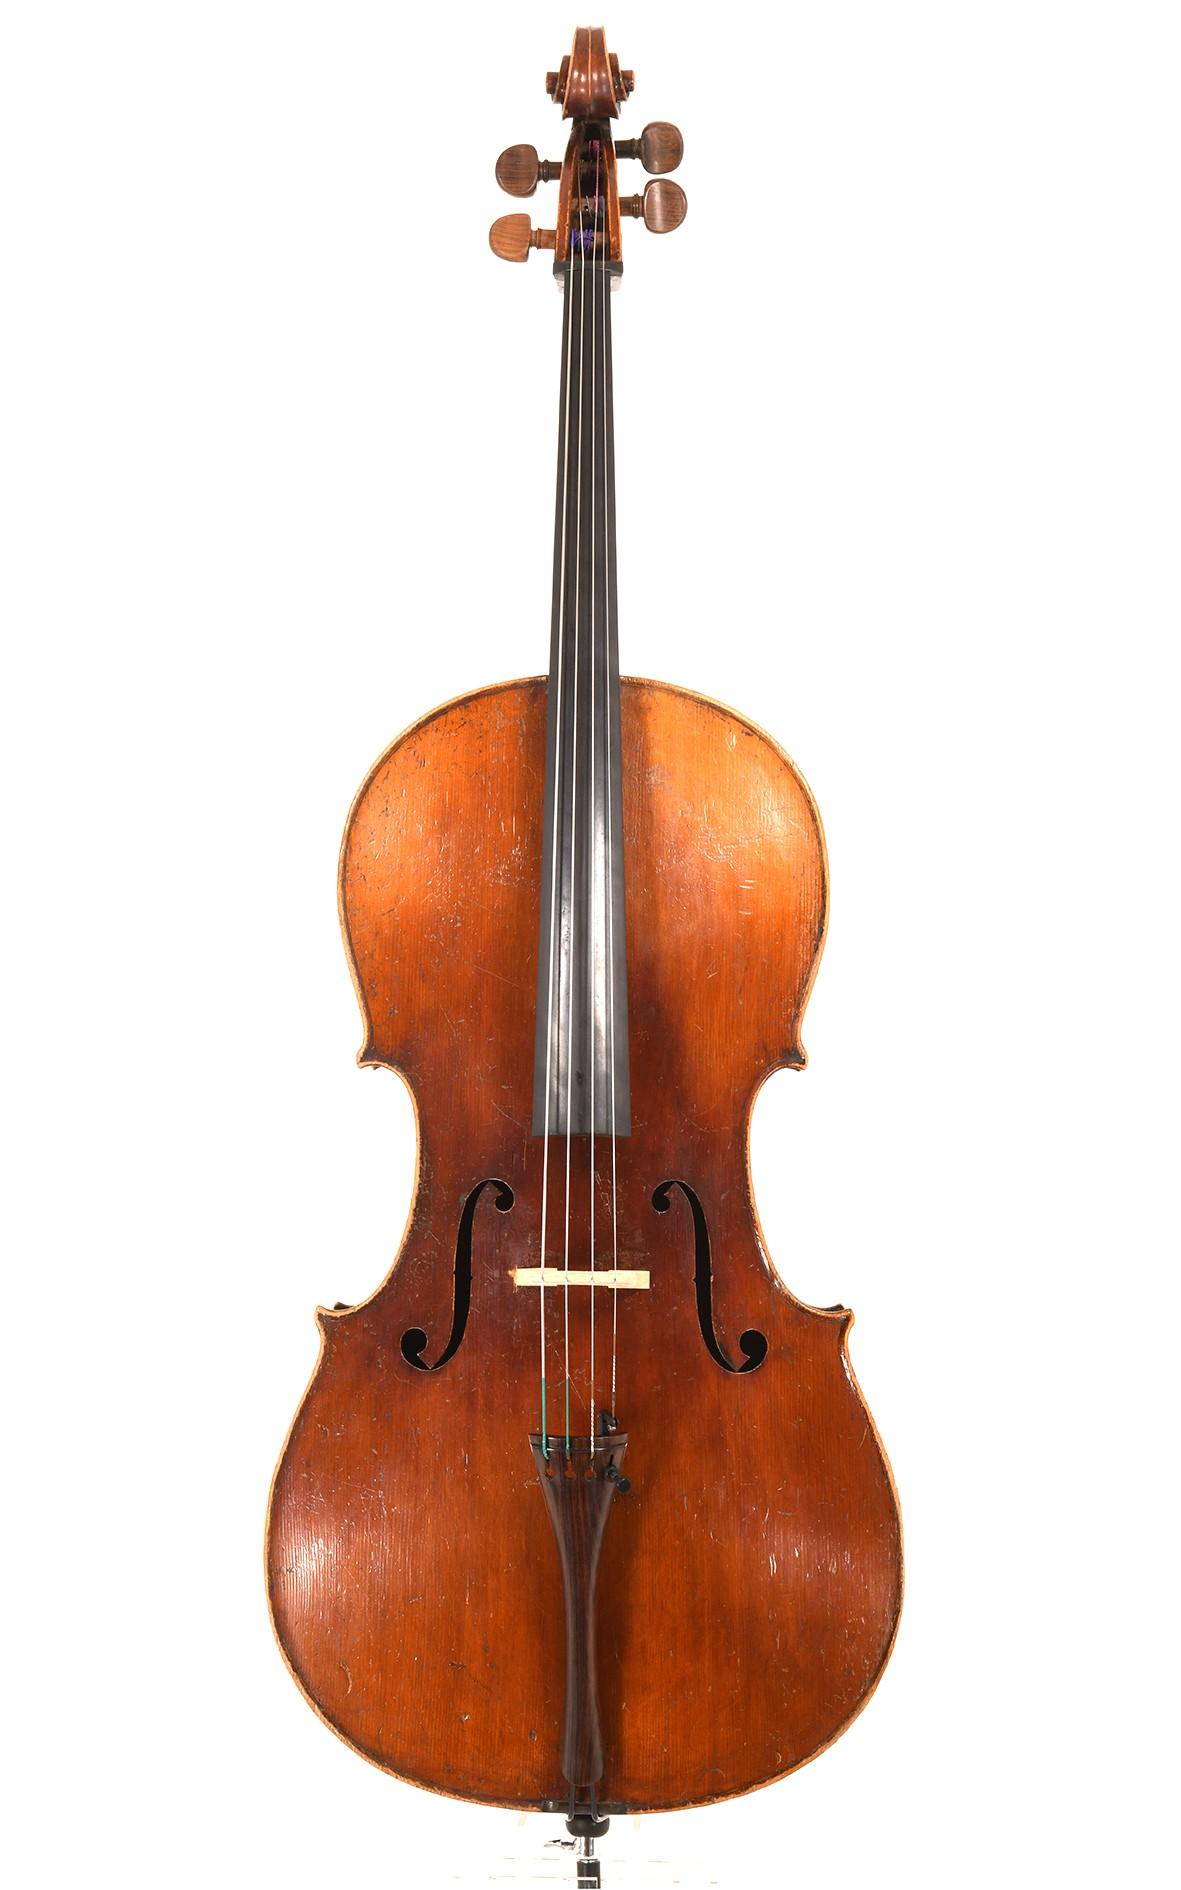 Fine cello, Neuner & Hornsteiner, Mittenwald, approx. 1850